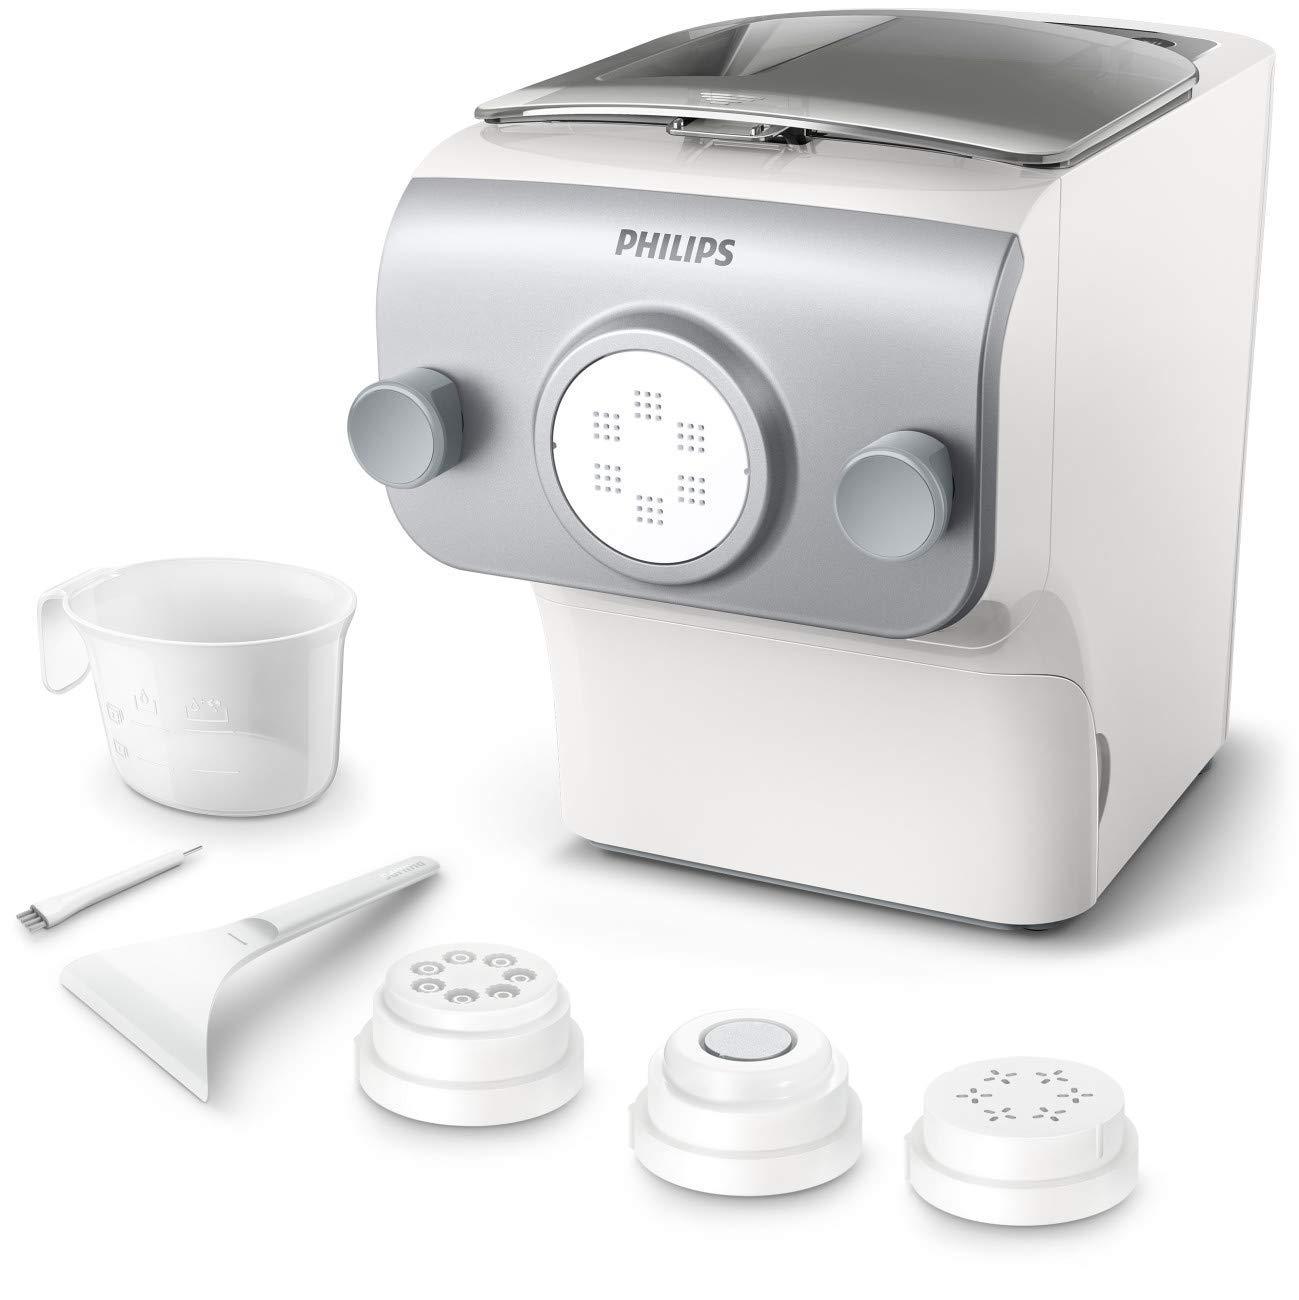 Philips Avance Pasta Maker